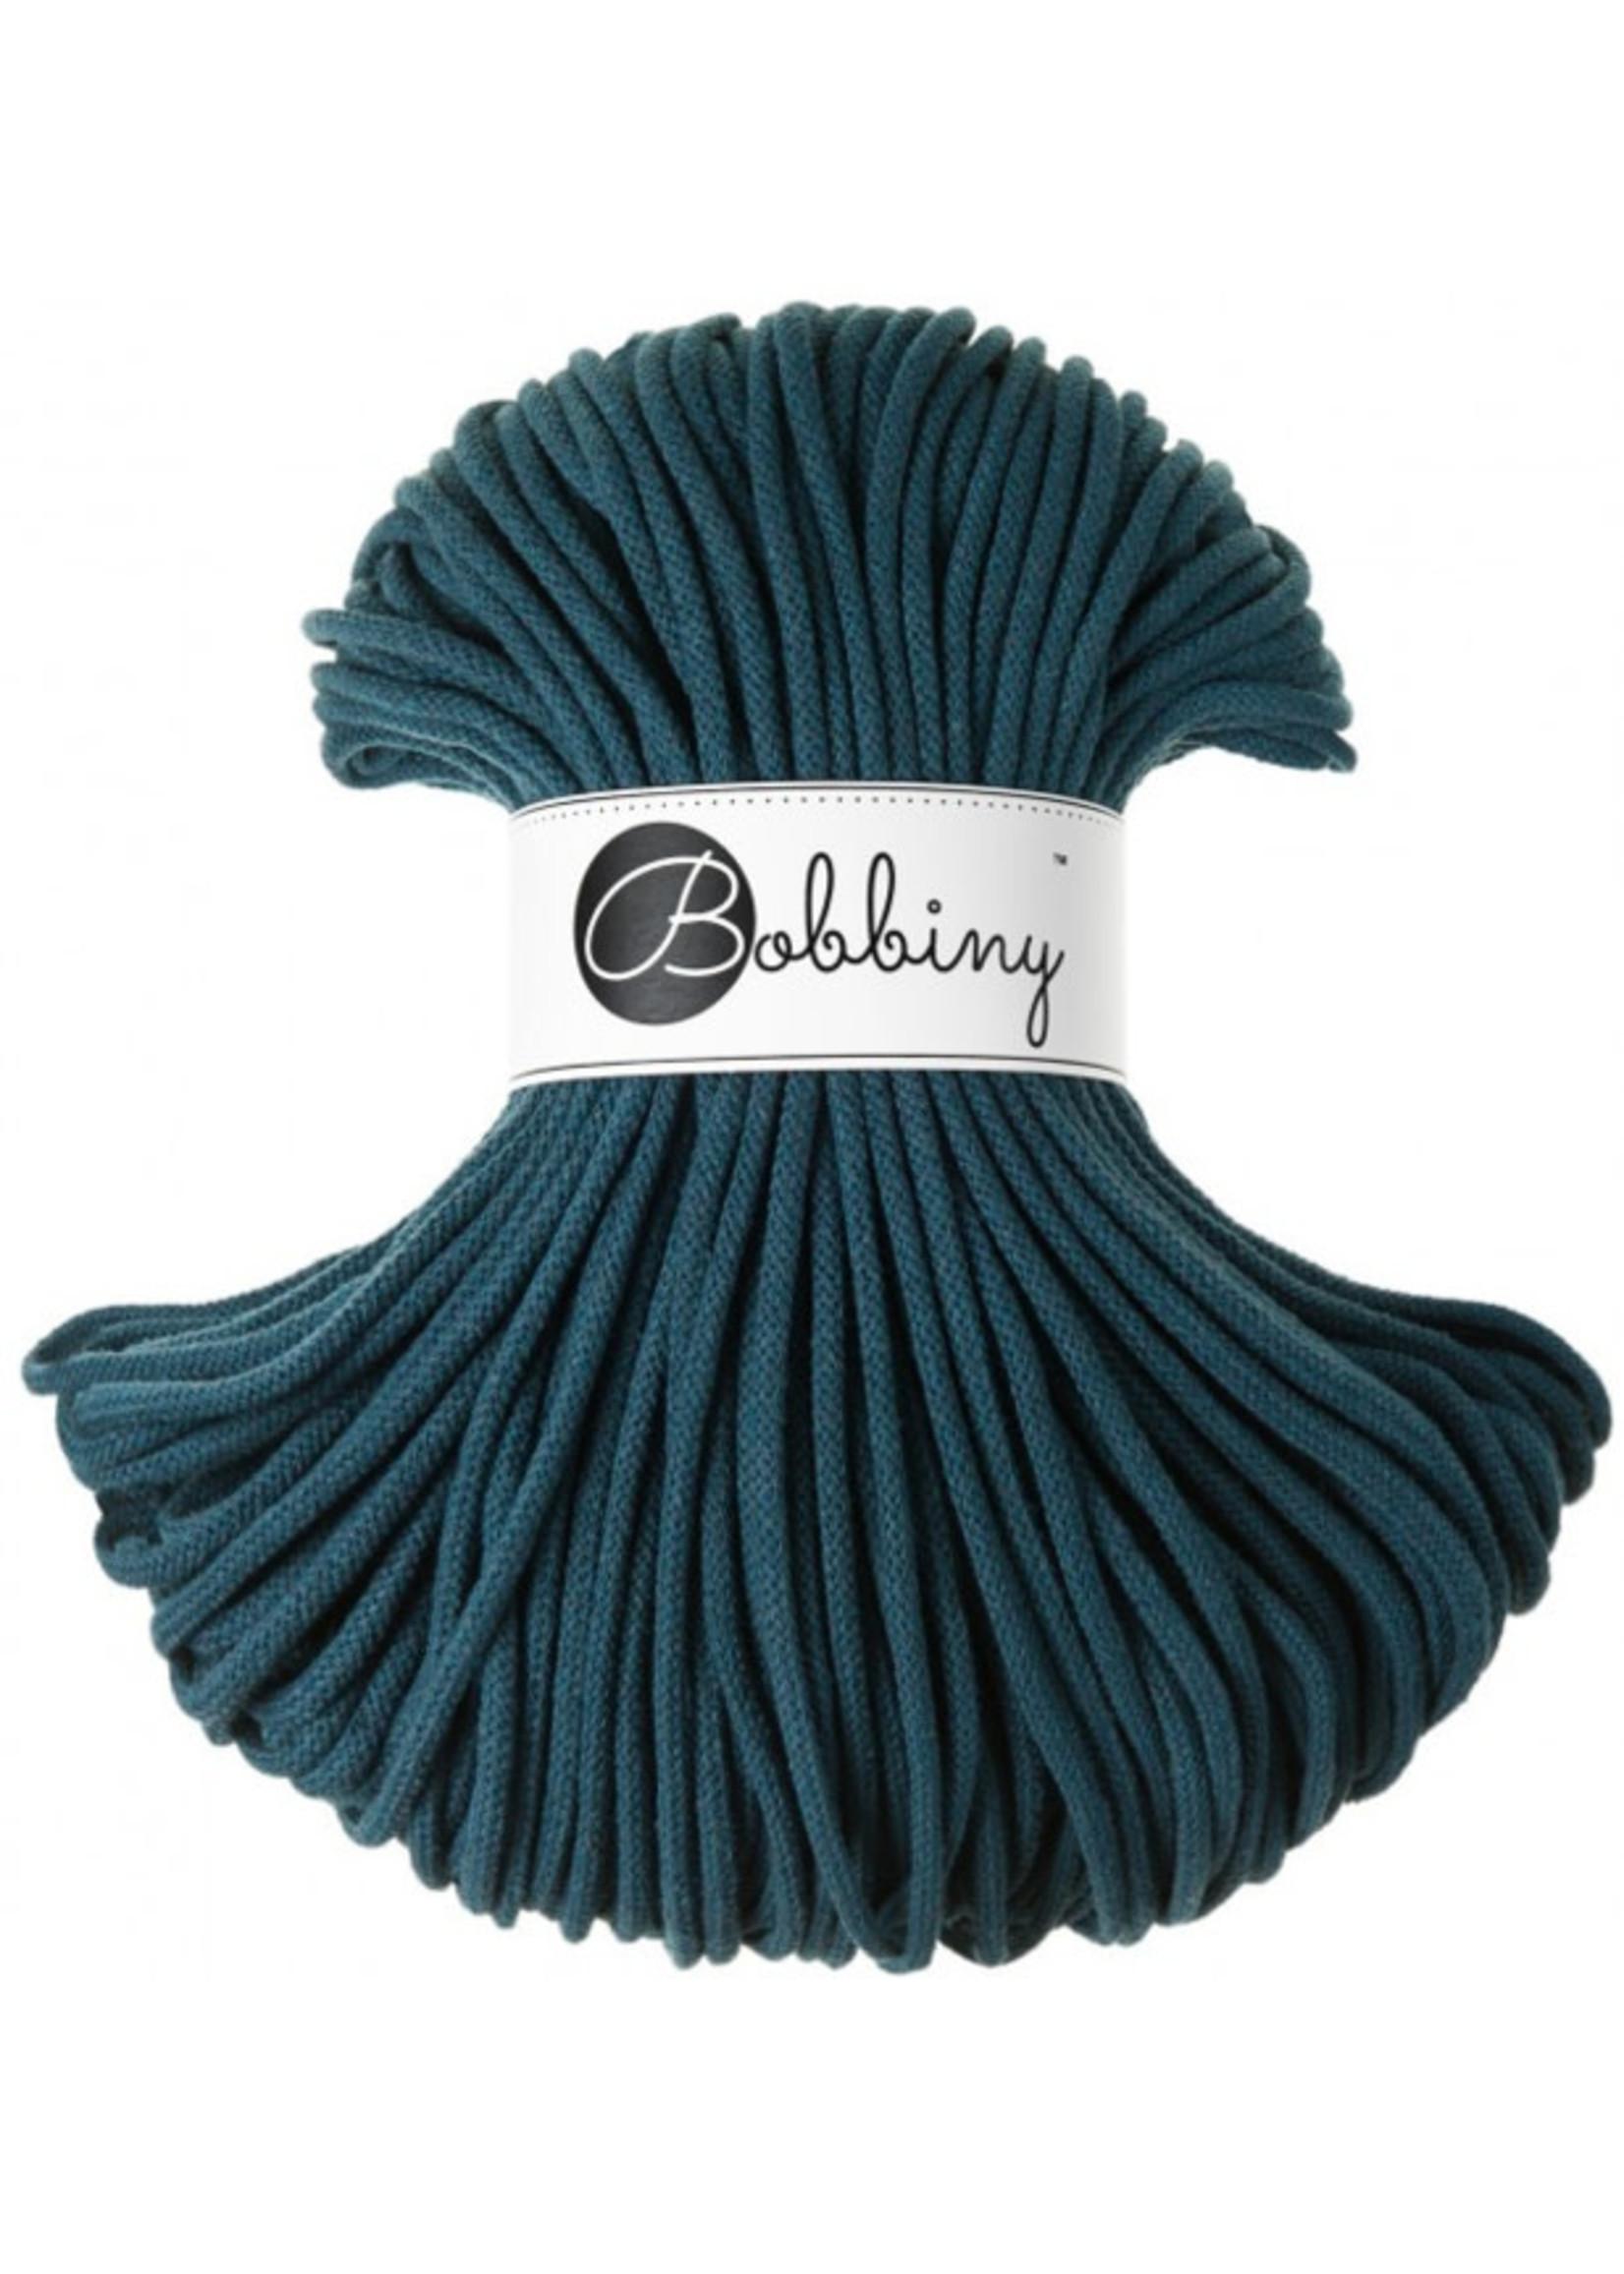 Bobbiny Bobbiny Premium - Peacock Blue